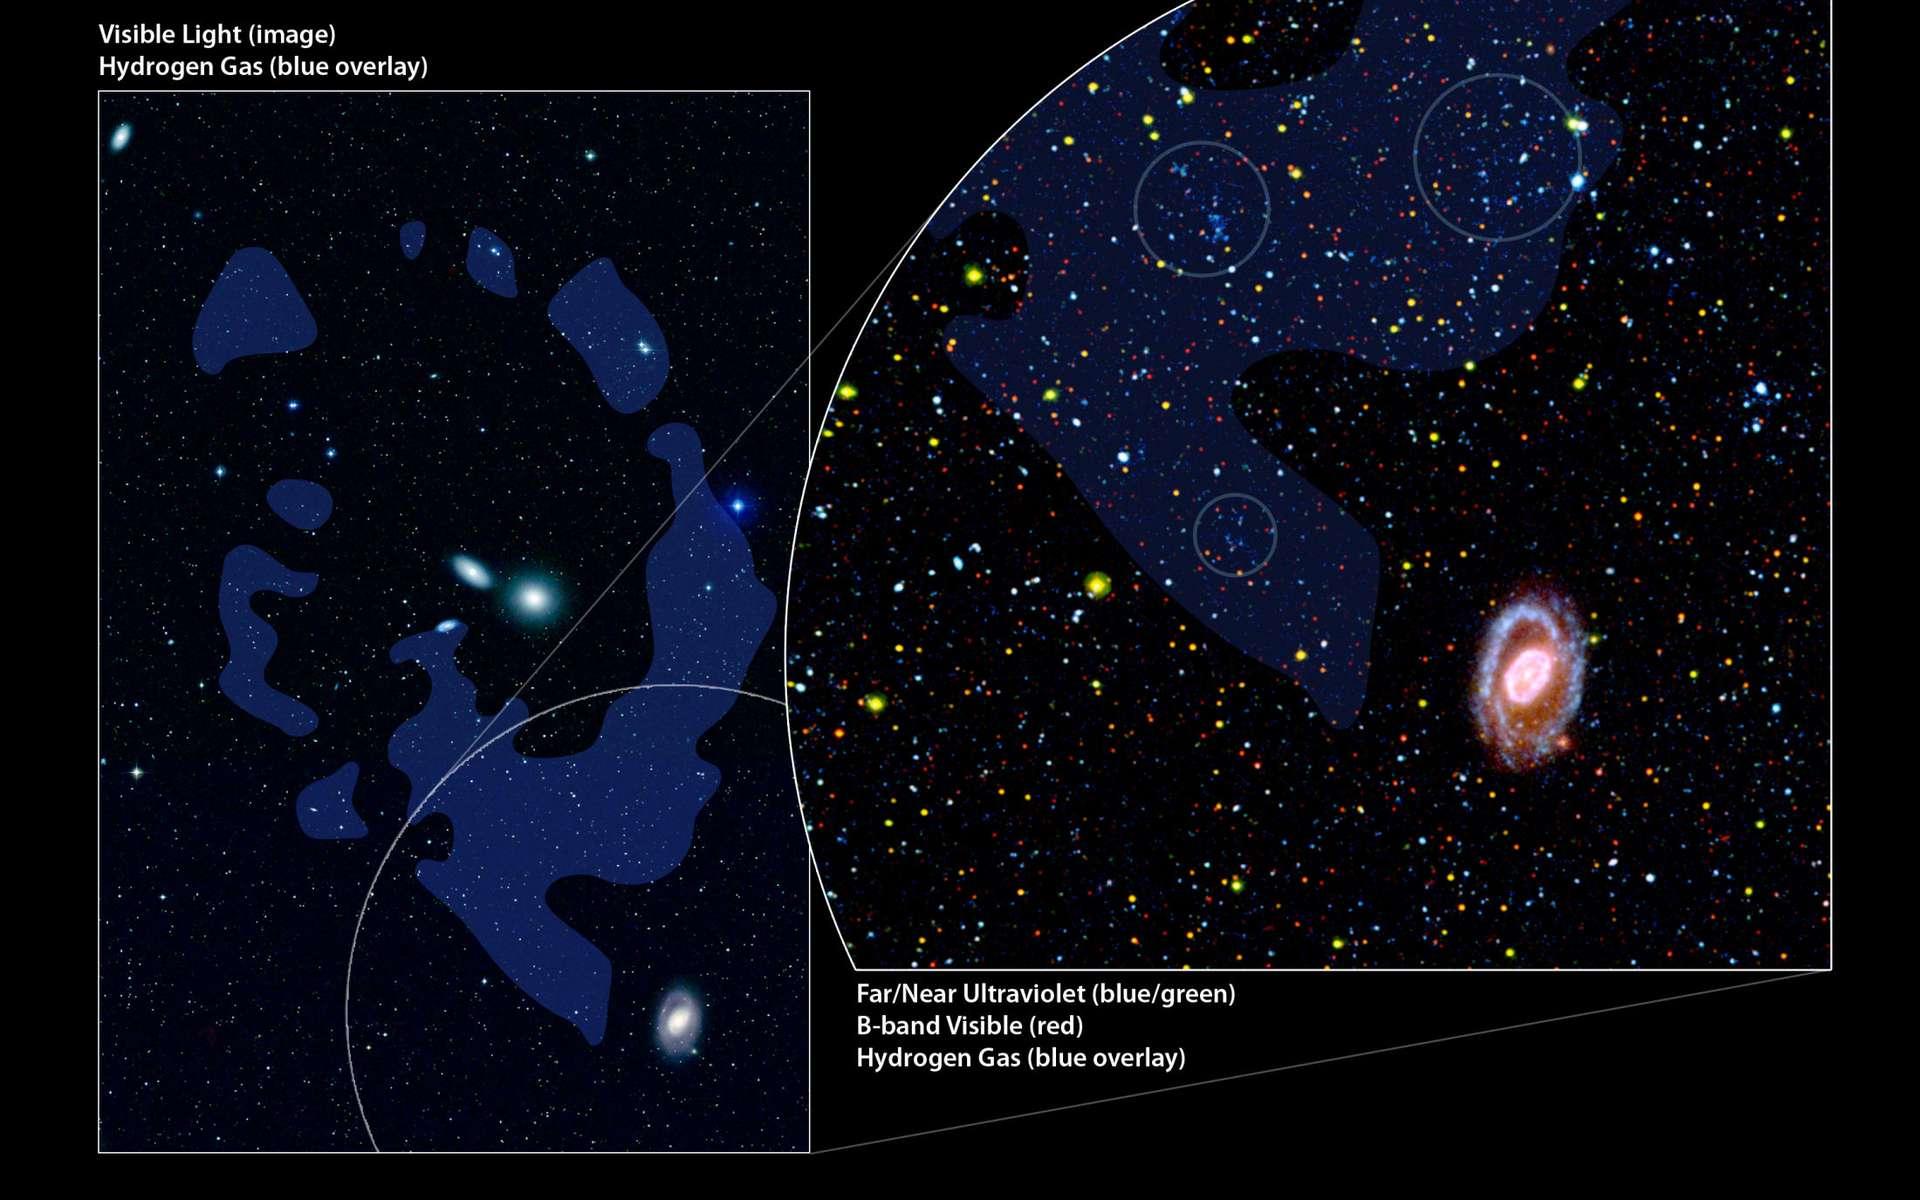 Découvert il y a 25 ans dans le domaine radio, l'Anneau du Lion possède bel et bien des concentrations d'étoiles comme le montre ce zoom avec trois régions cerclées. Colorées en bleu-vert, des étoiles massives y émettent en ultraviolet comme le révèlent les instruments de Galex. Crédit : Nasa/JPL-Caltech/DSS